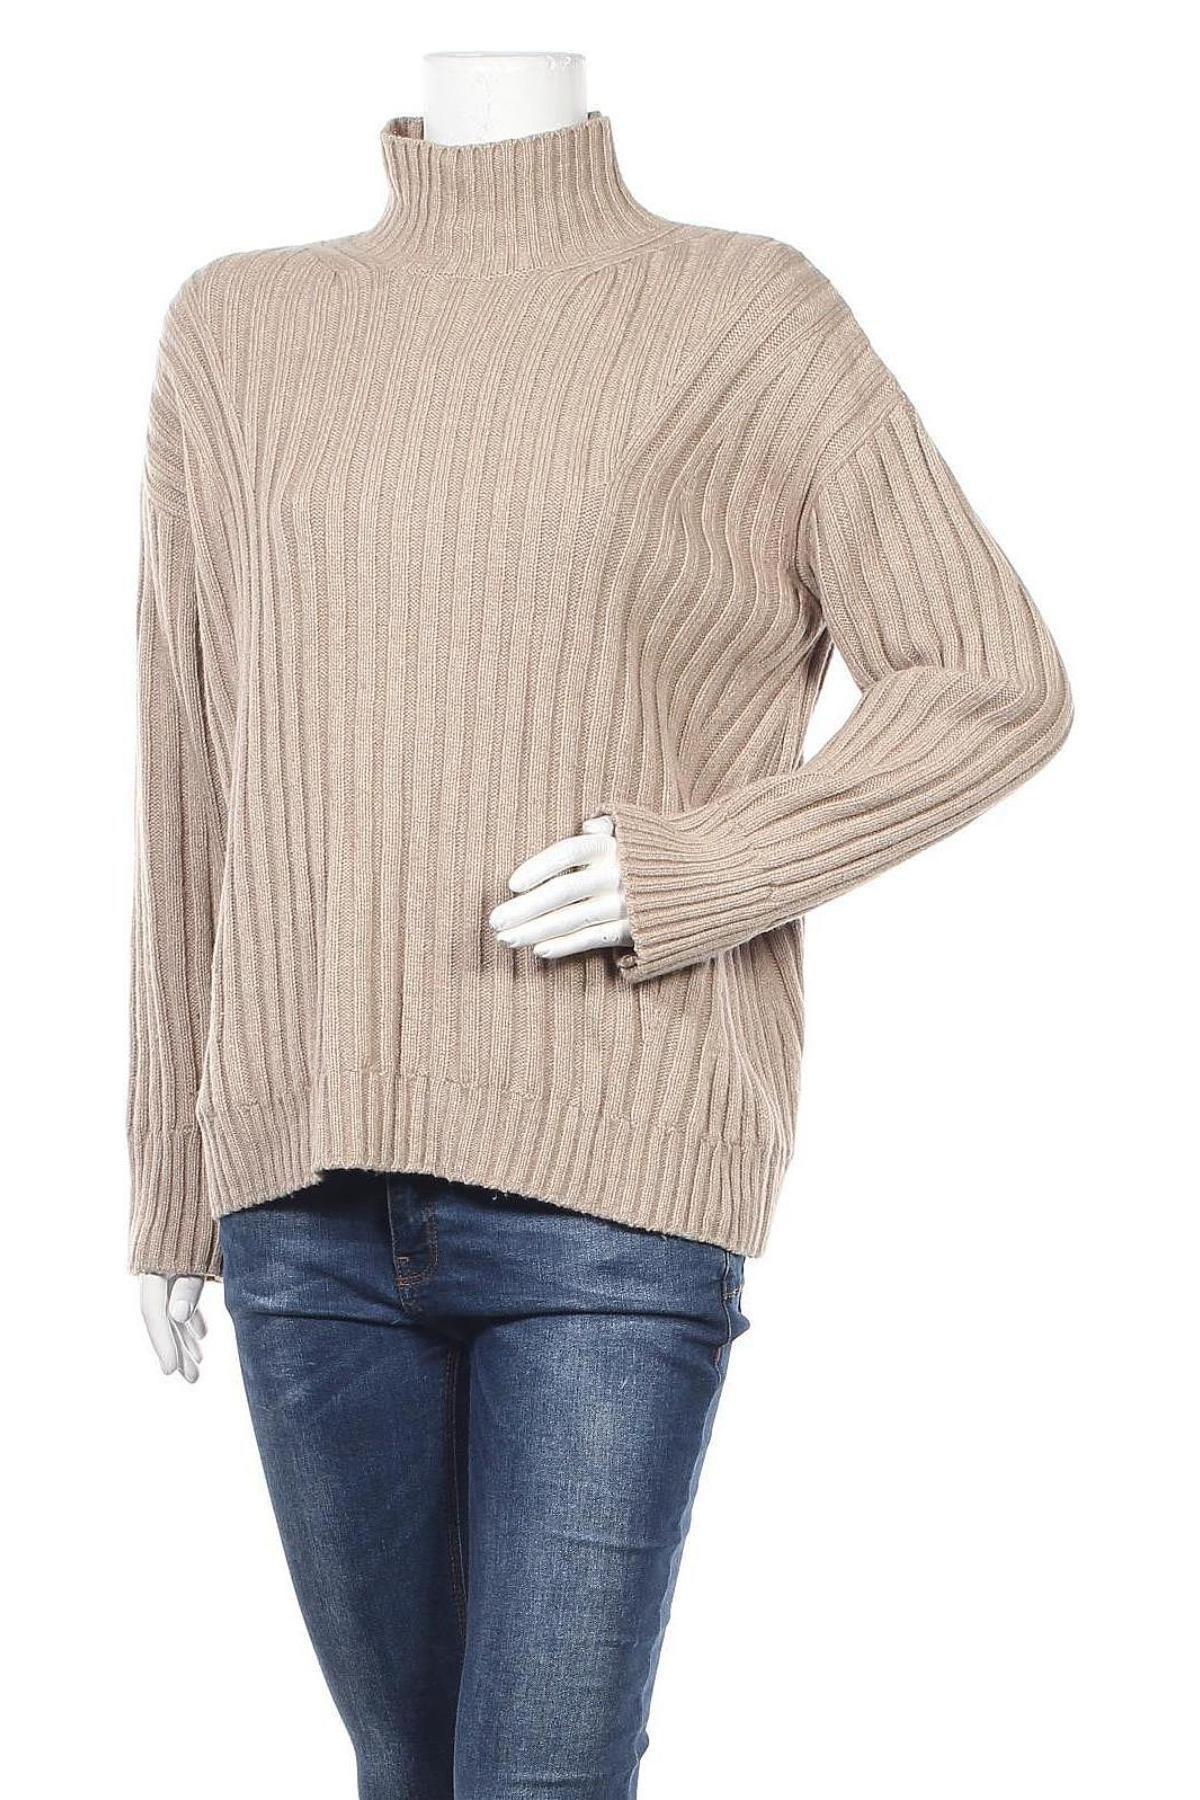 Γυναικείο πουλόβερ Massimo Dutti, Μέγεθος M, Χρώμα  Μπέζ, 36% πολυαμίδη, 31% μαλλί, 29% βισκόζη, 4% κασμίρι, Τιμή 35,57€